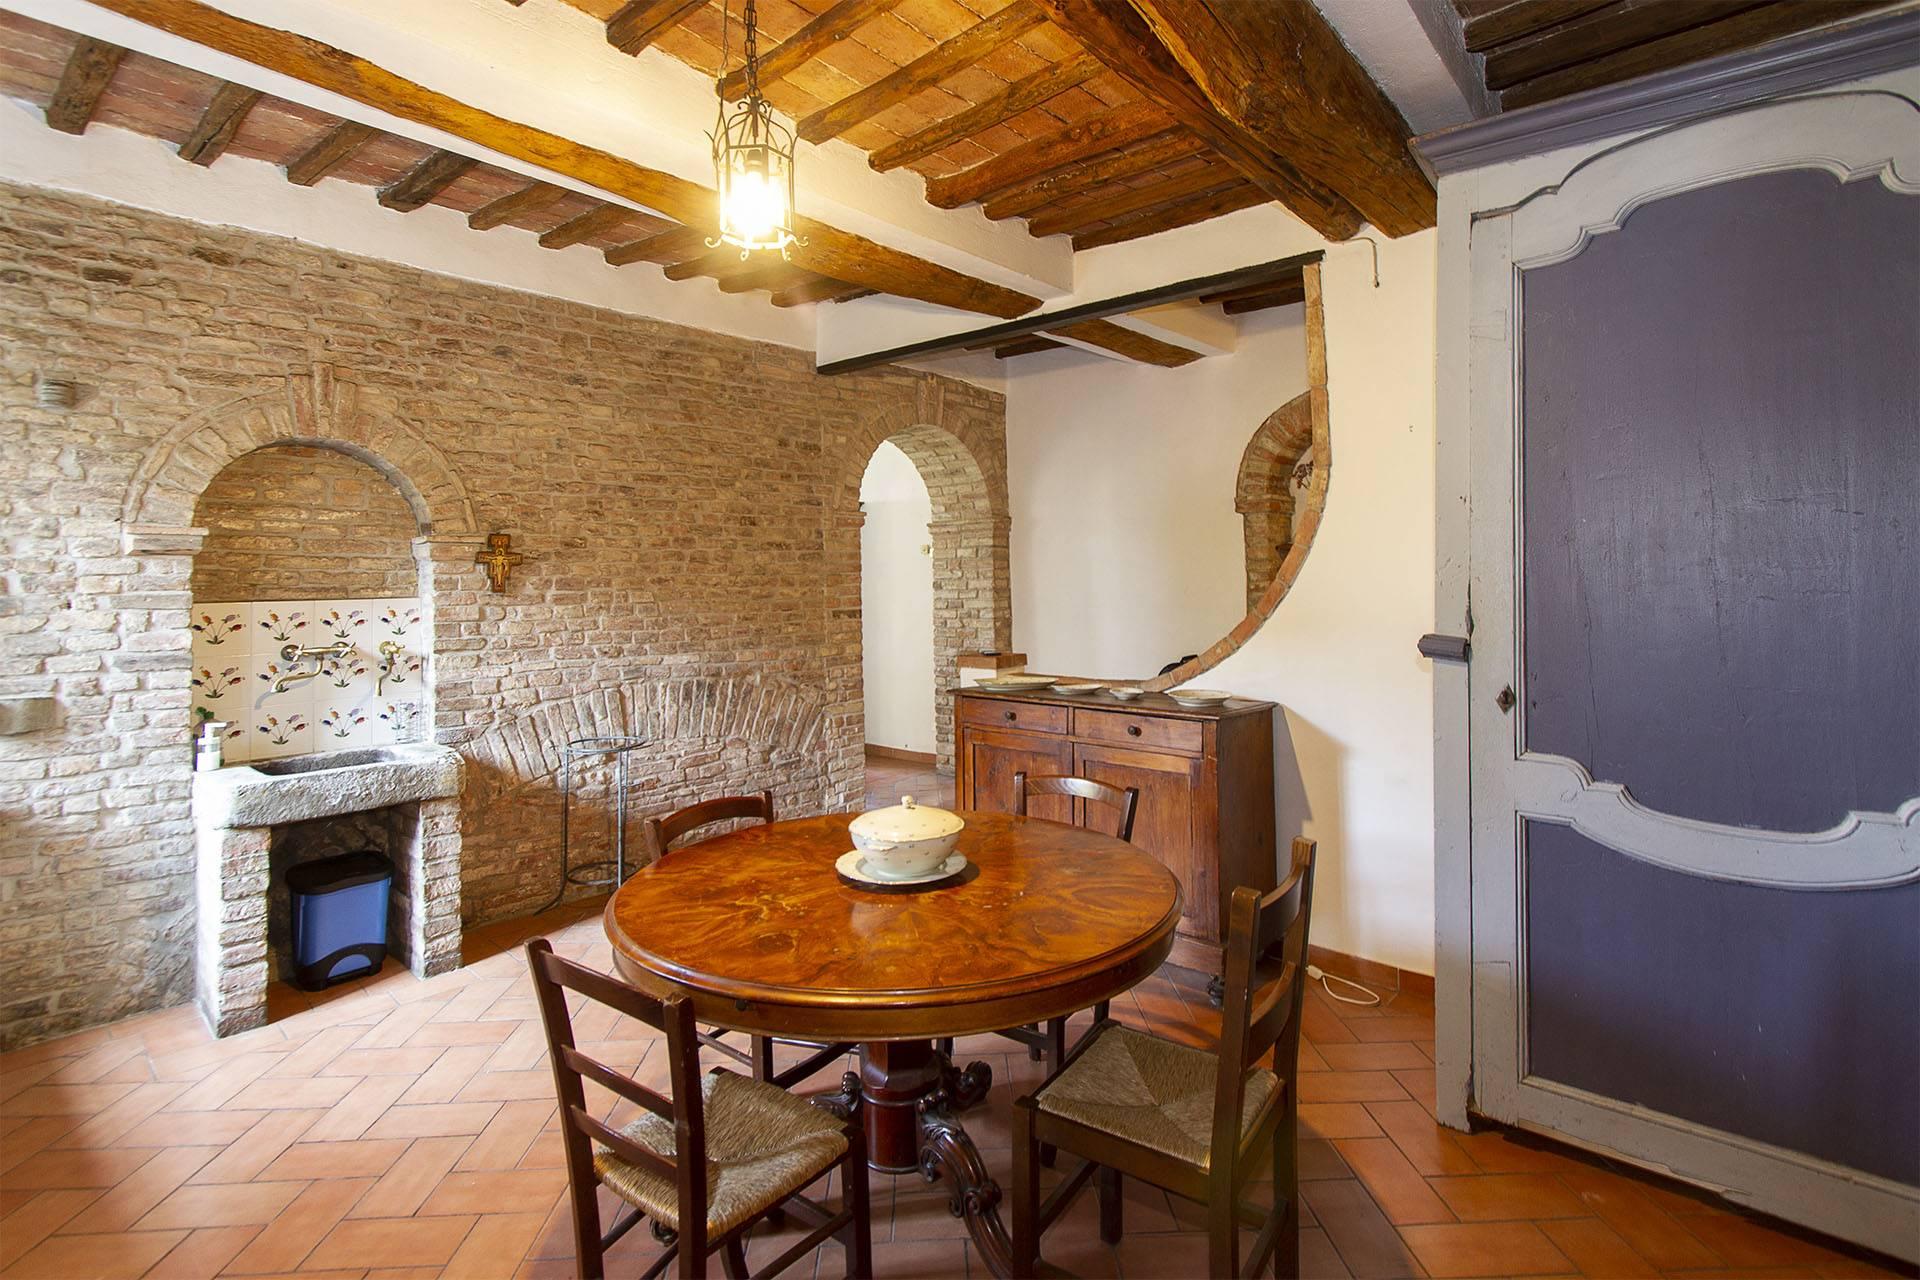 Al primo piano di una palazzina del centro storico di Siena, bilocale arredato composto da ingresso, zona giorno con area pranzo divisa dall'area relax mediante una libreria divisorio, camera